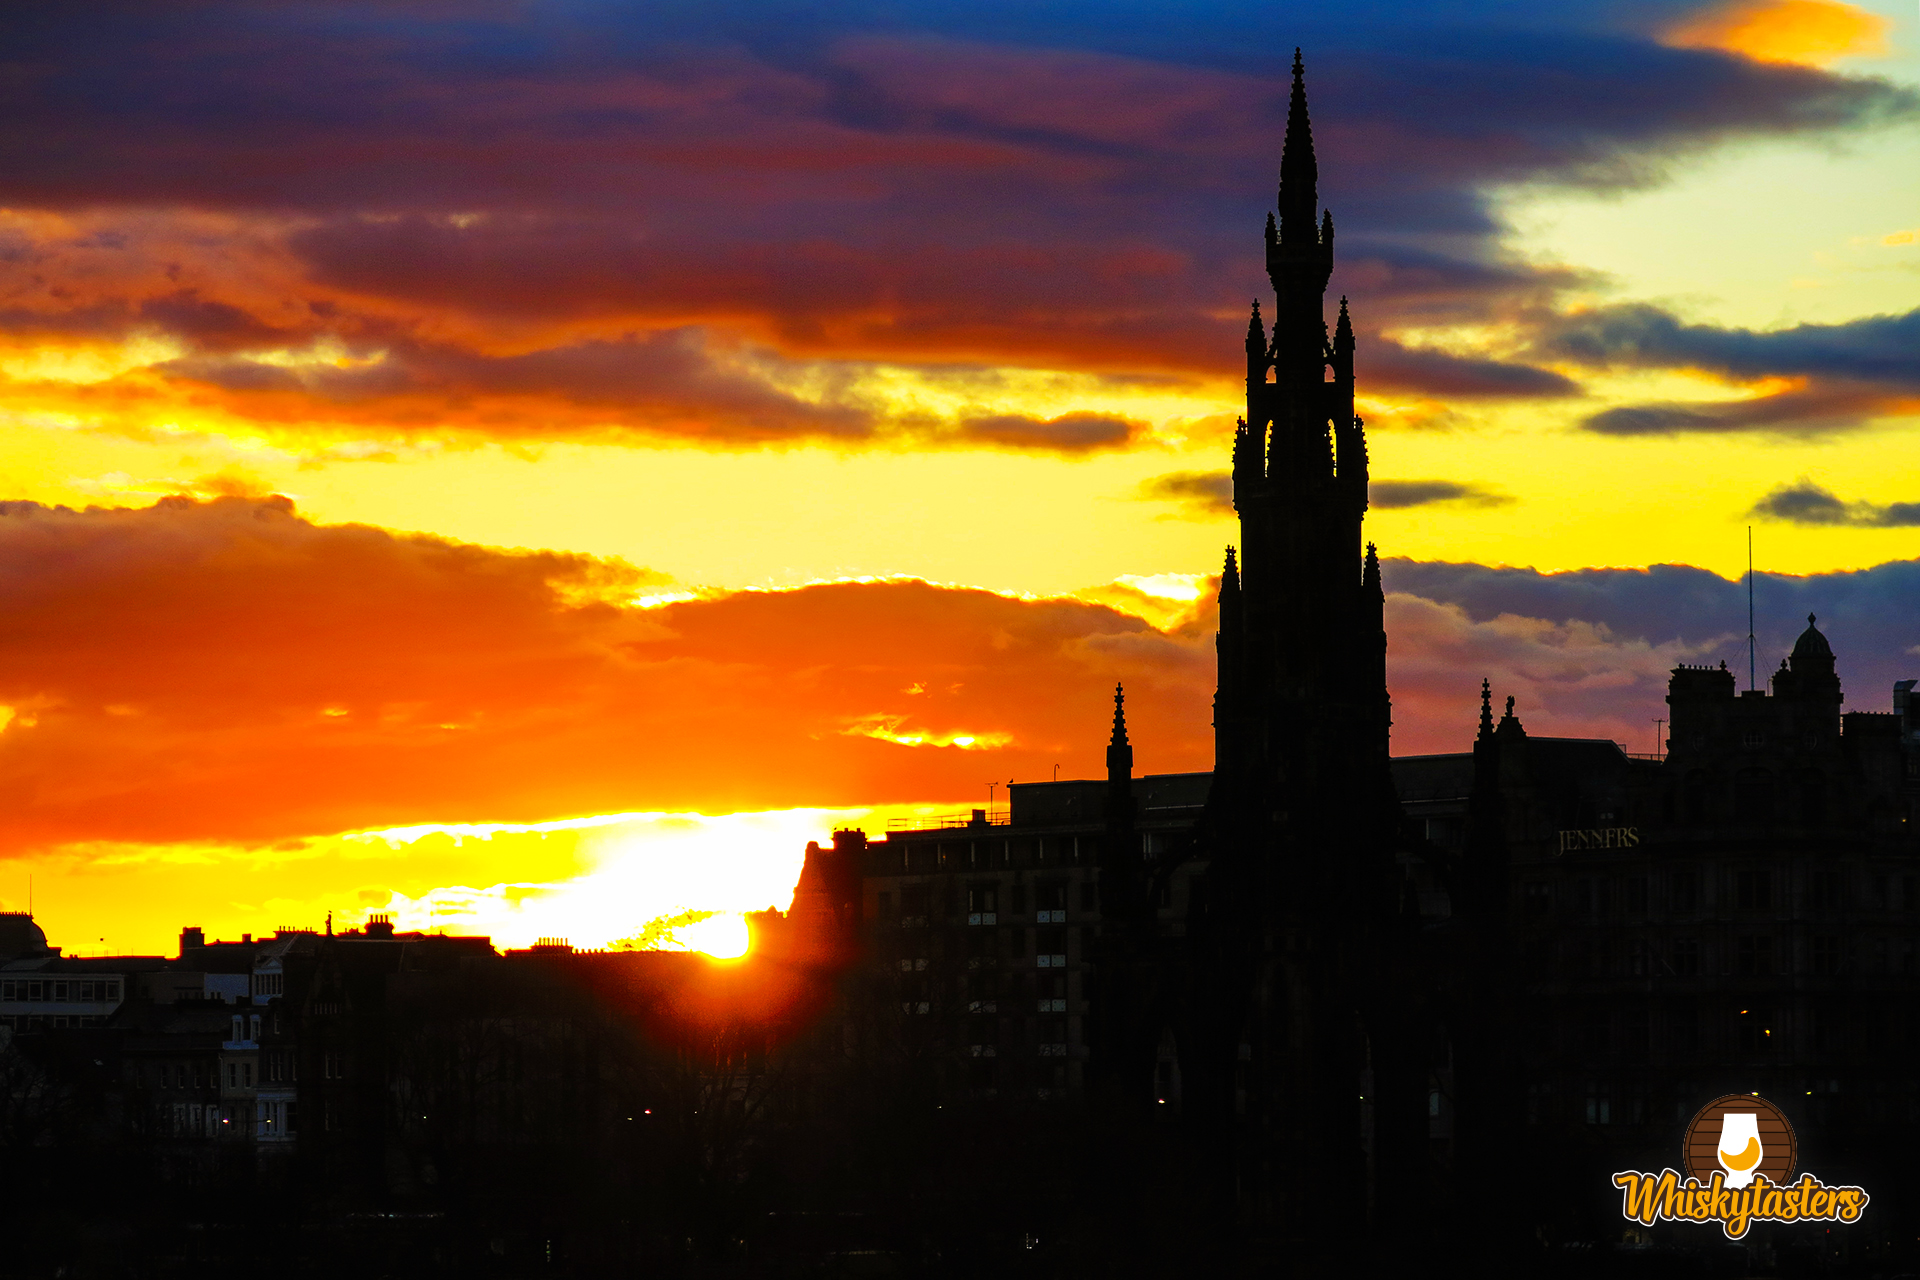 Sonnenuntergang in Edinburgh, Schottland